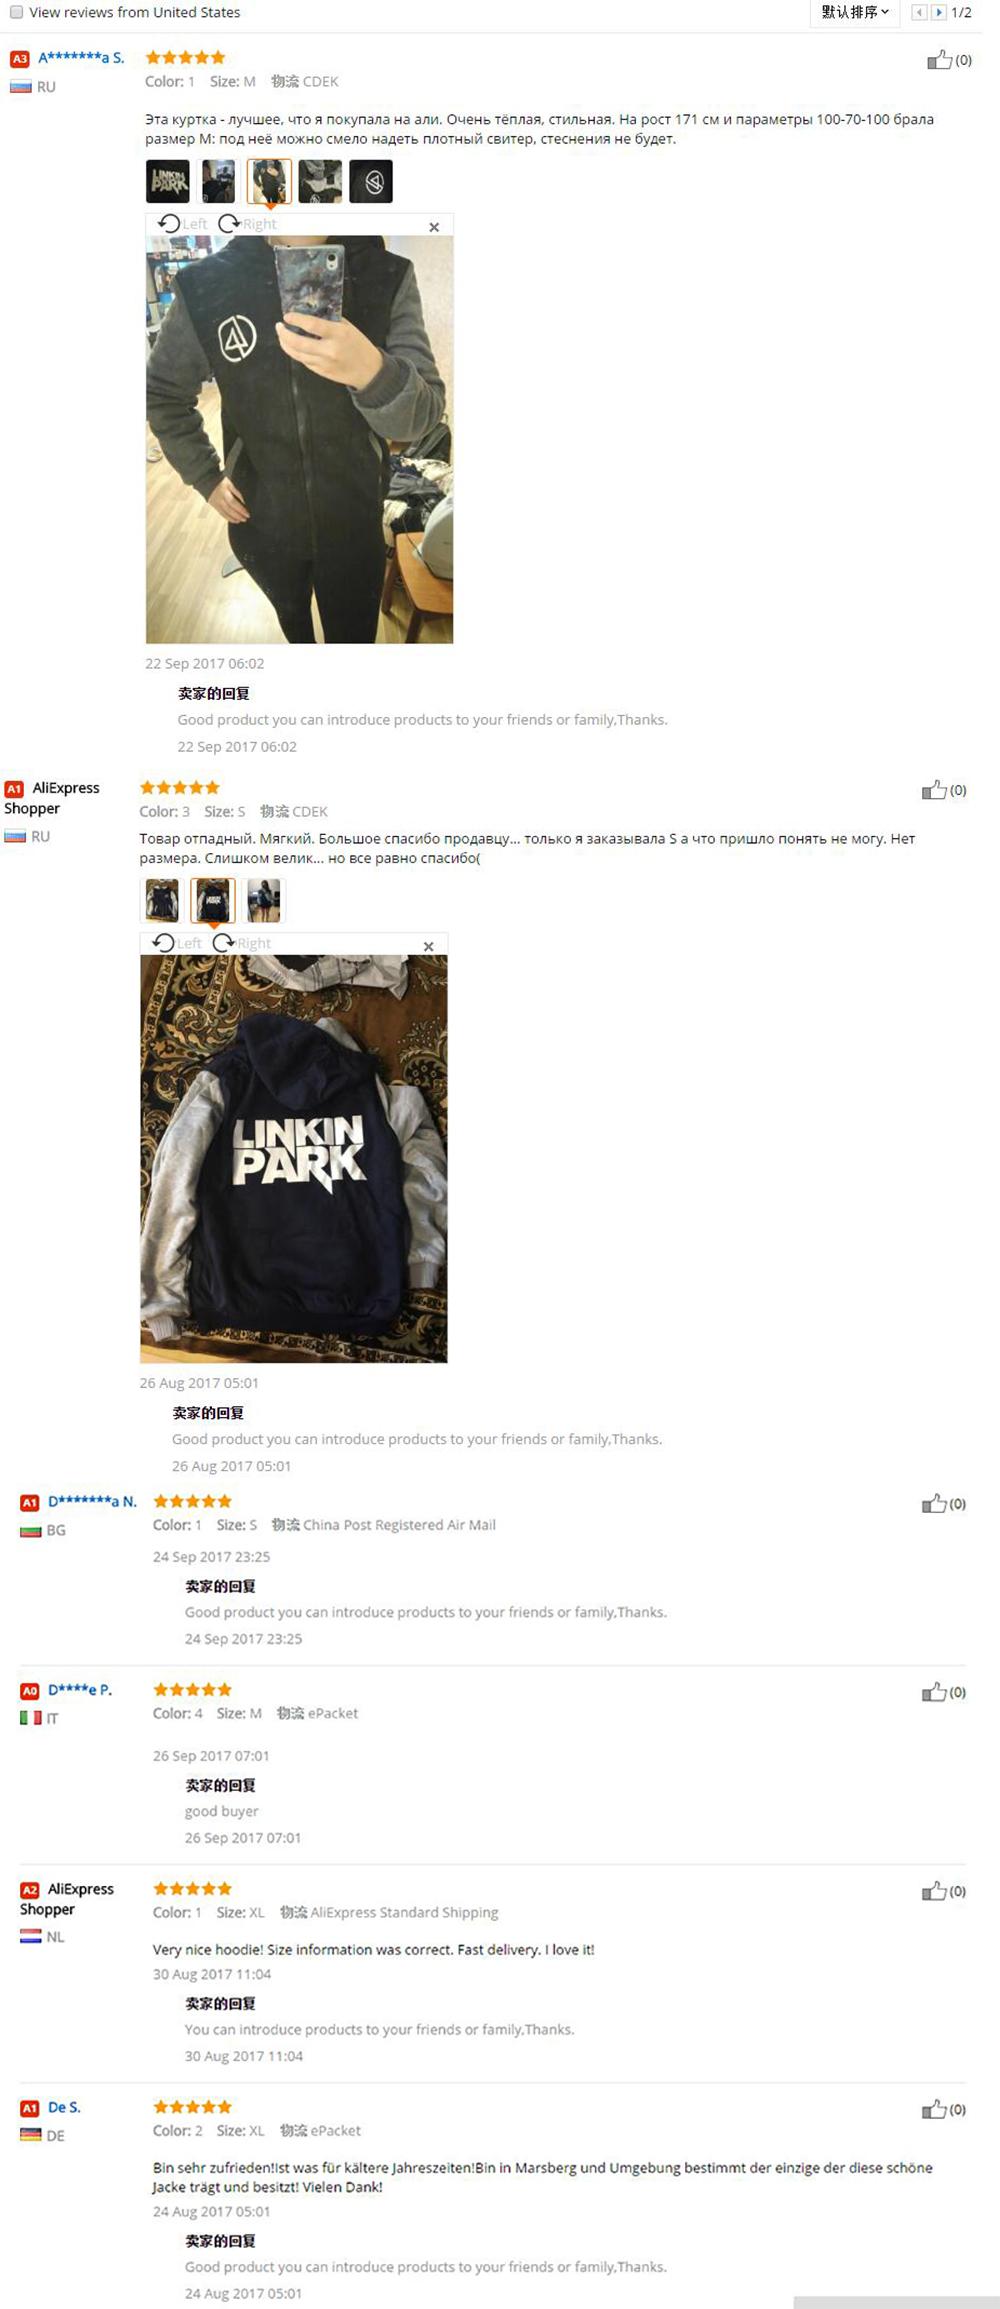 17 USA SIZE Men hoodies Linkin Park Adult Thicken Hoodie Zipper Sweatshirts Coat Jacket 8